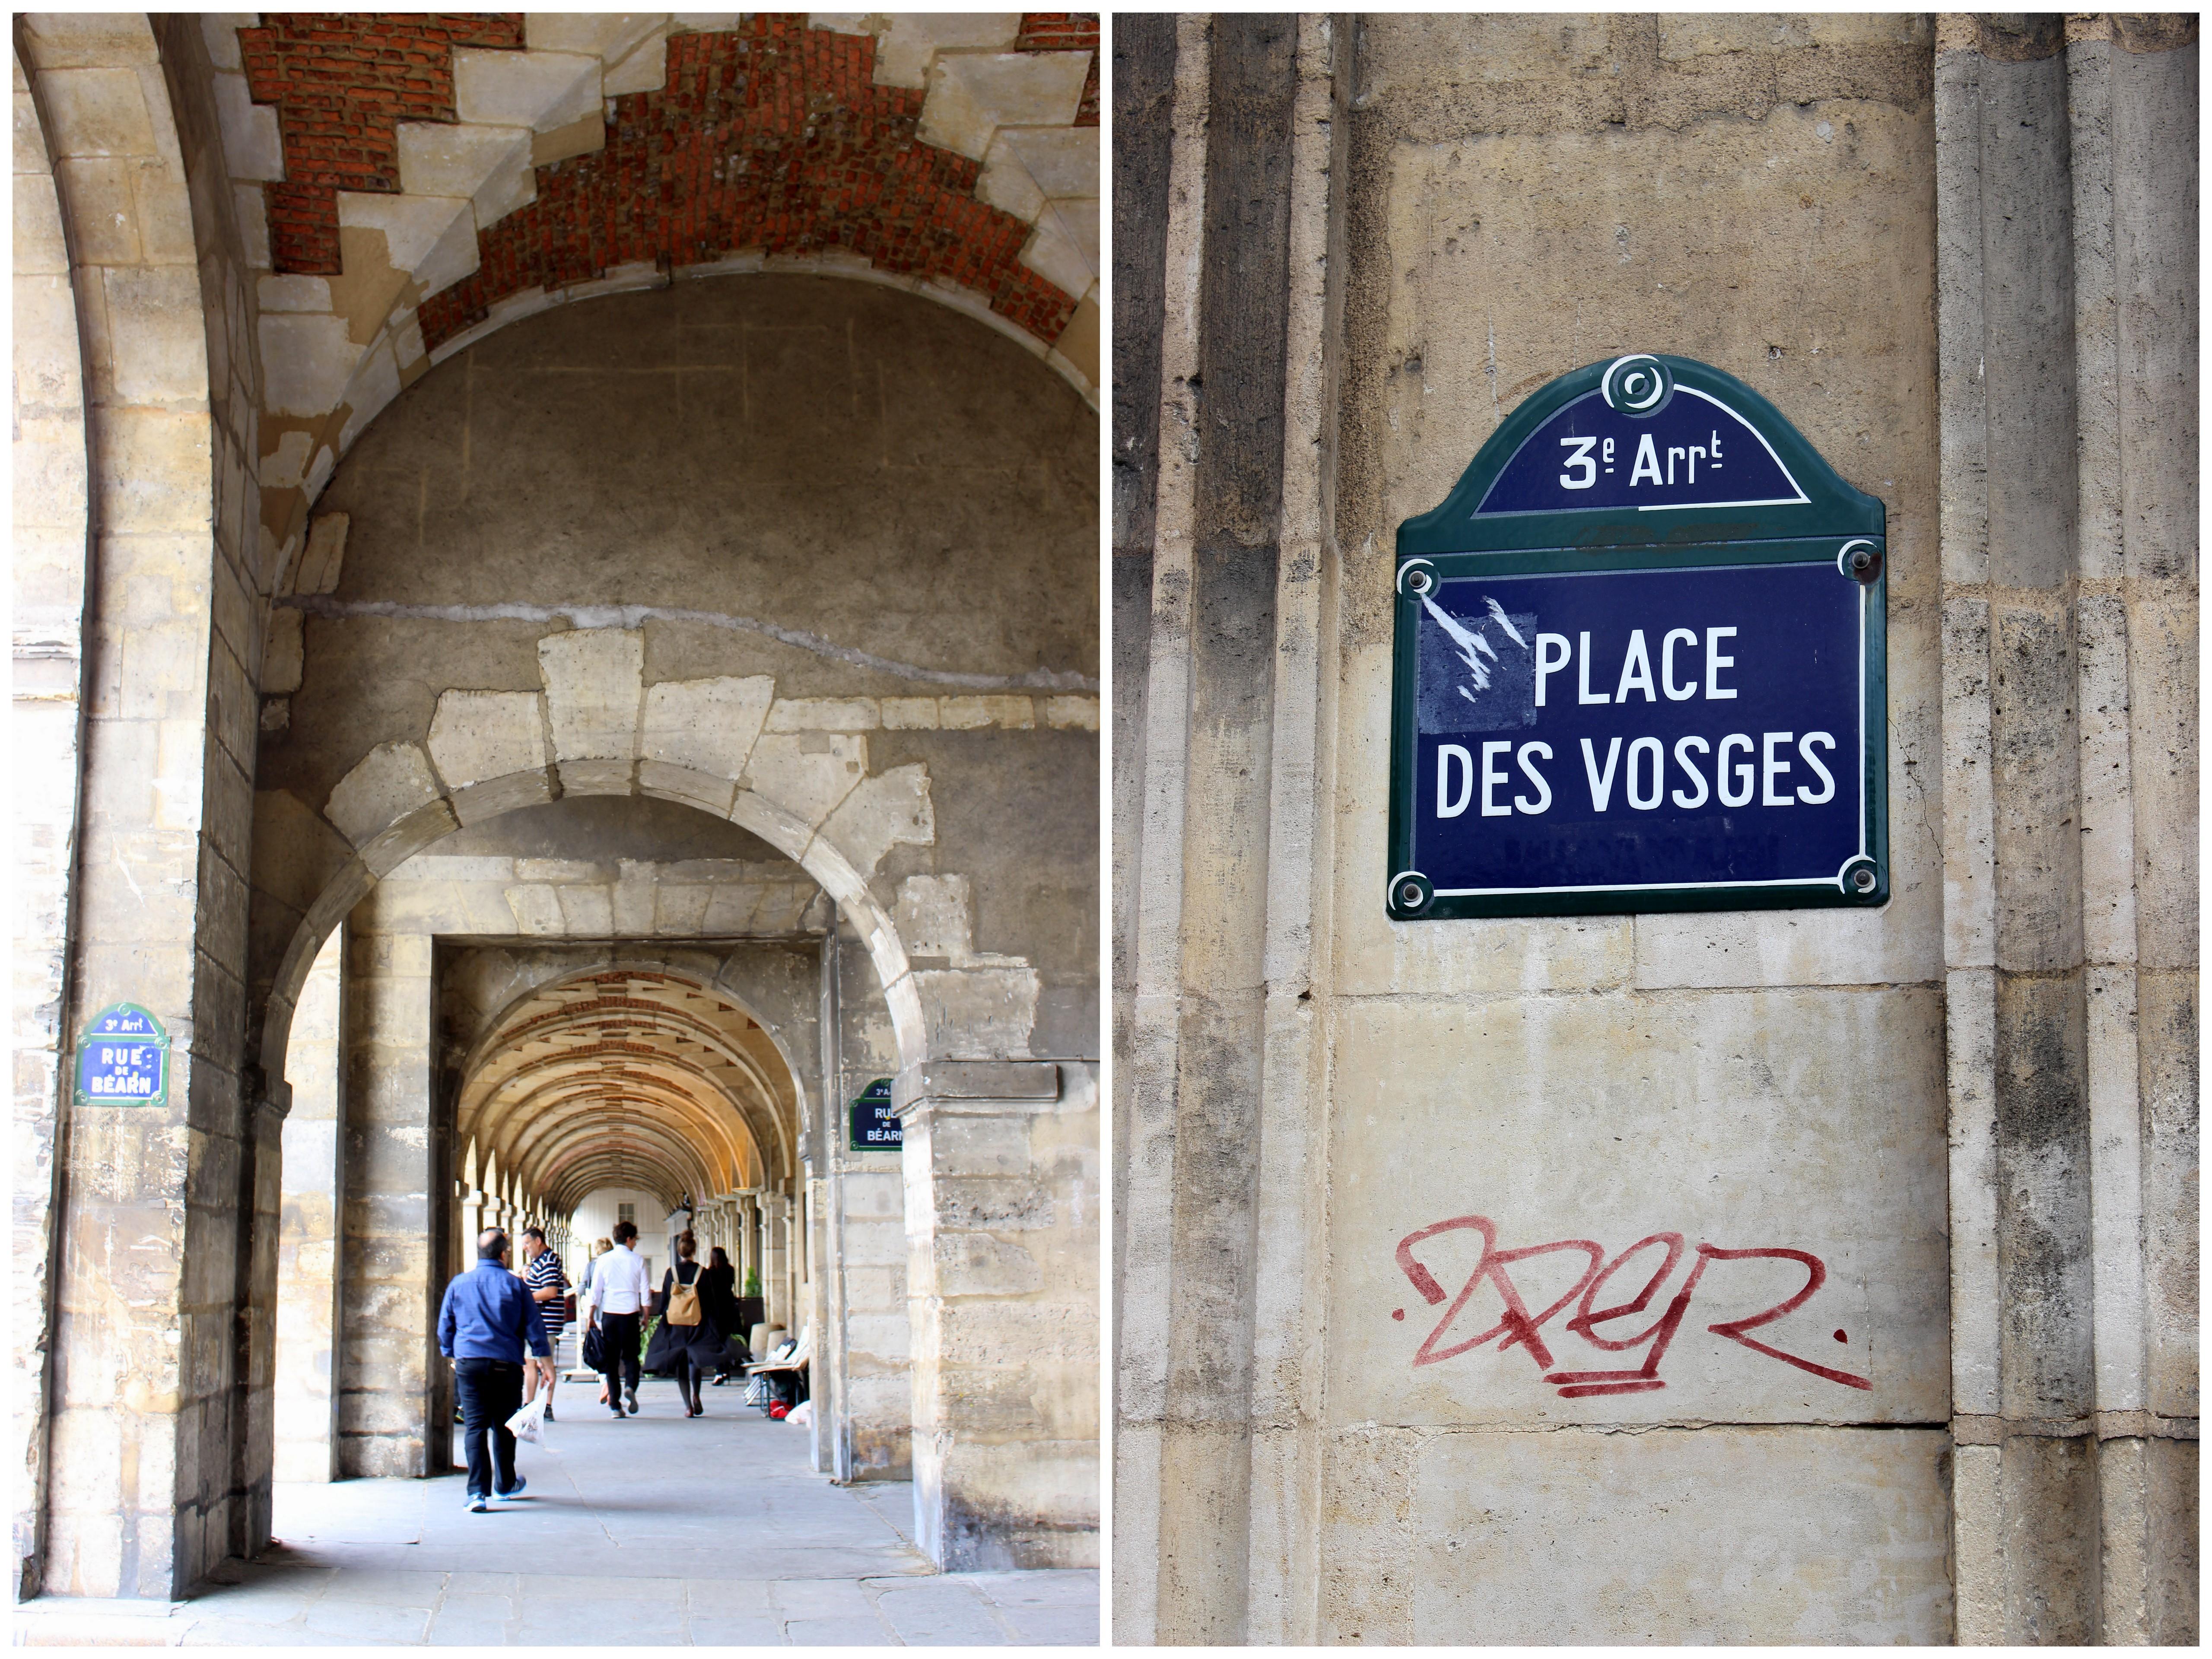 Parks of paris place vosges adam and molly go - Comptoir des cotonniers place des vosges ...